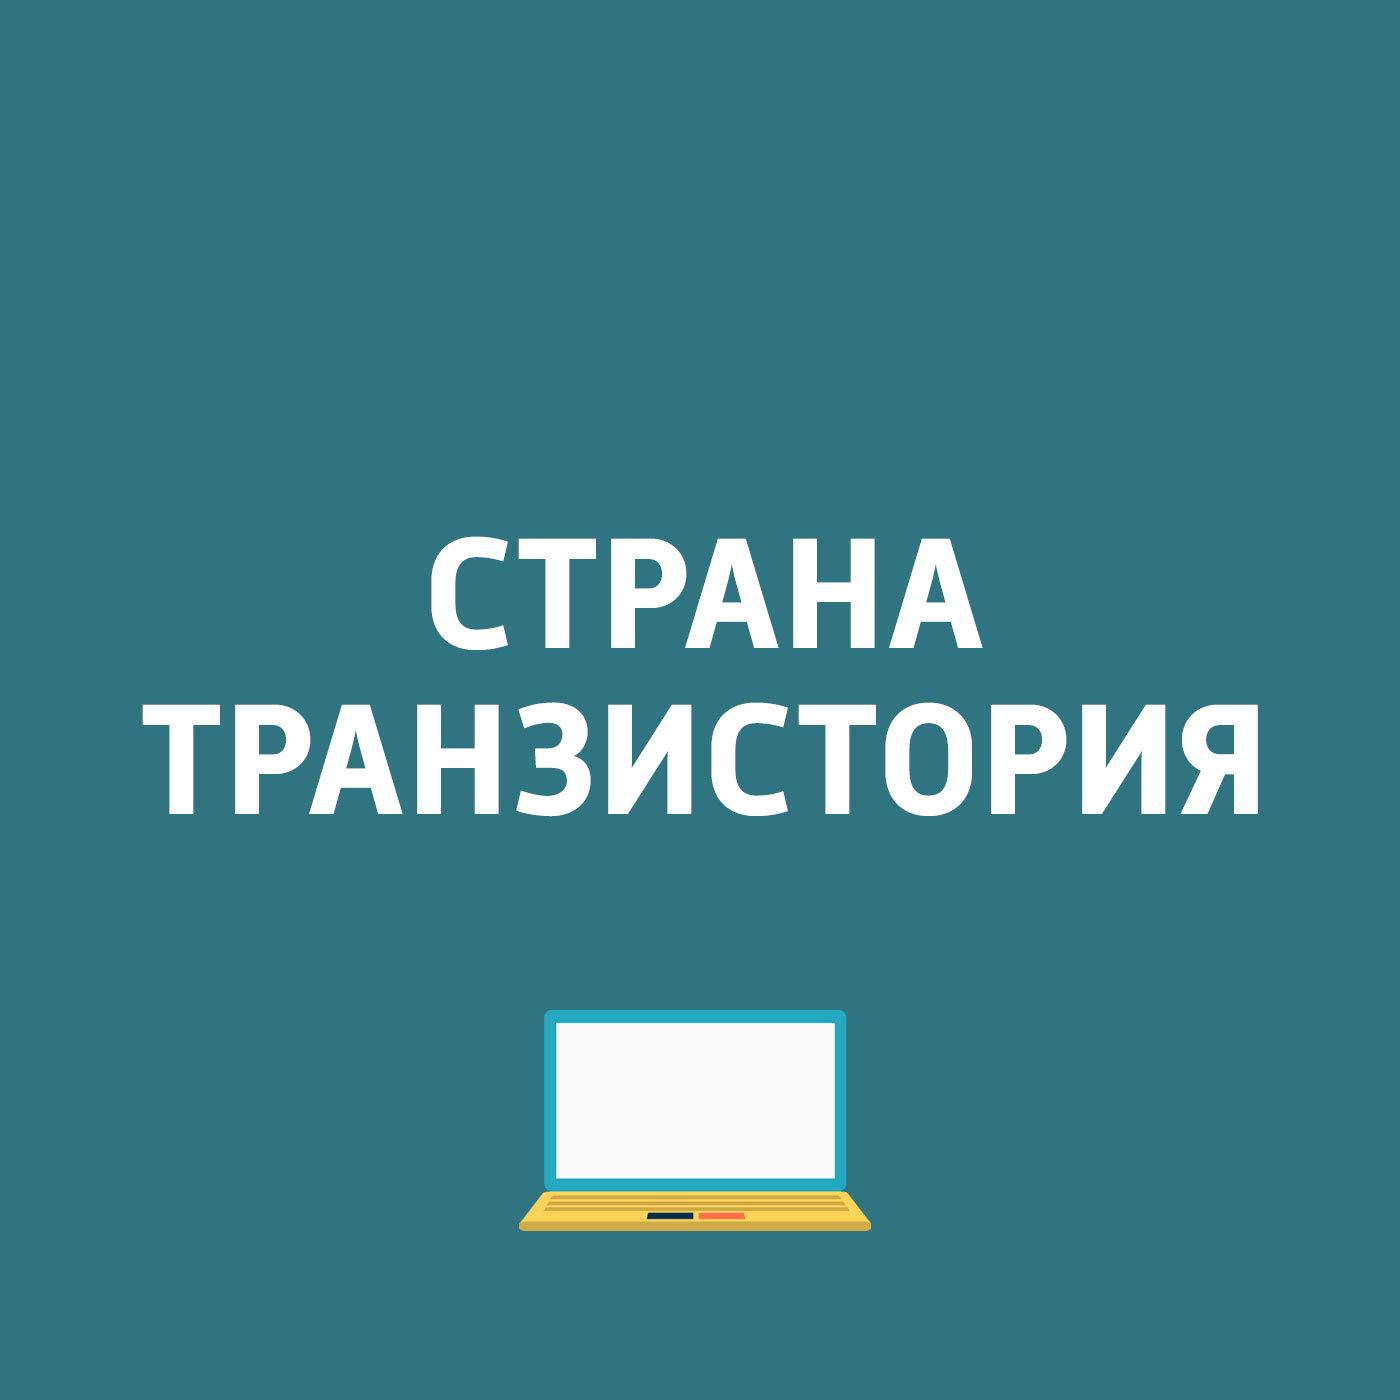 Картаев Павел О презентации Honor 8 картаев павел история пончиков